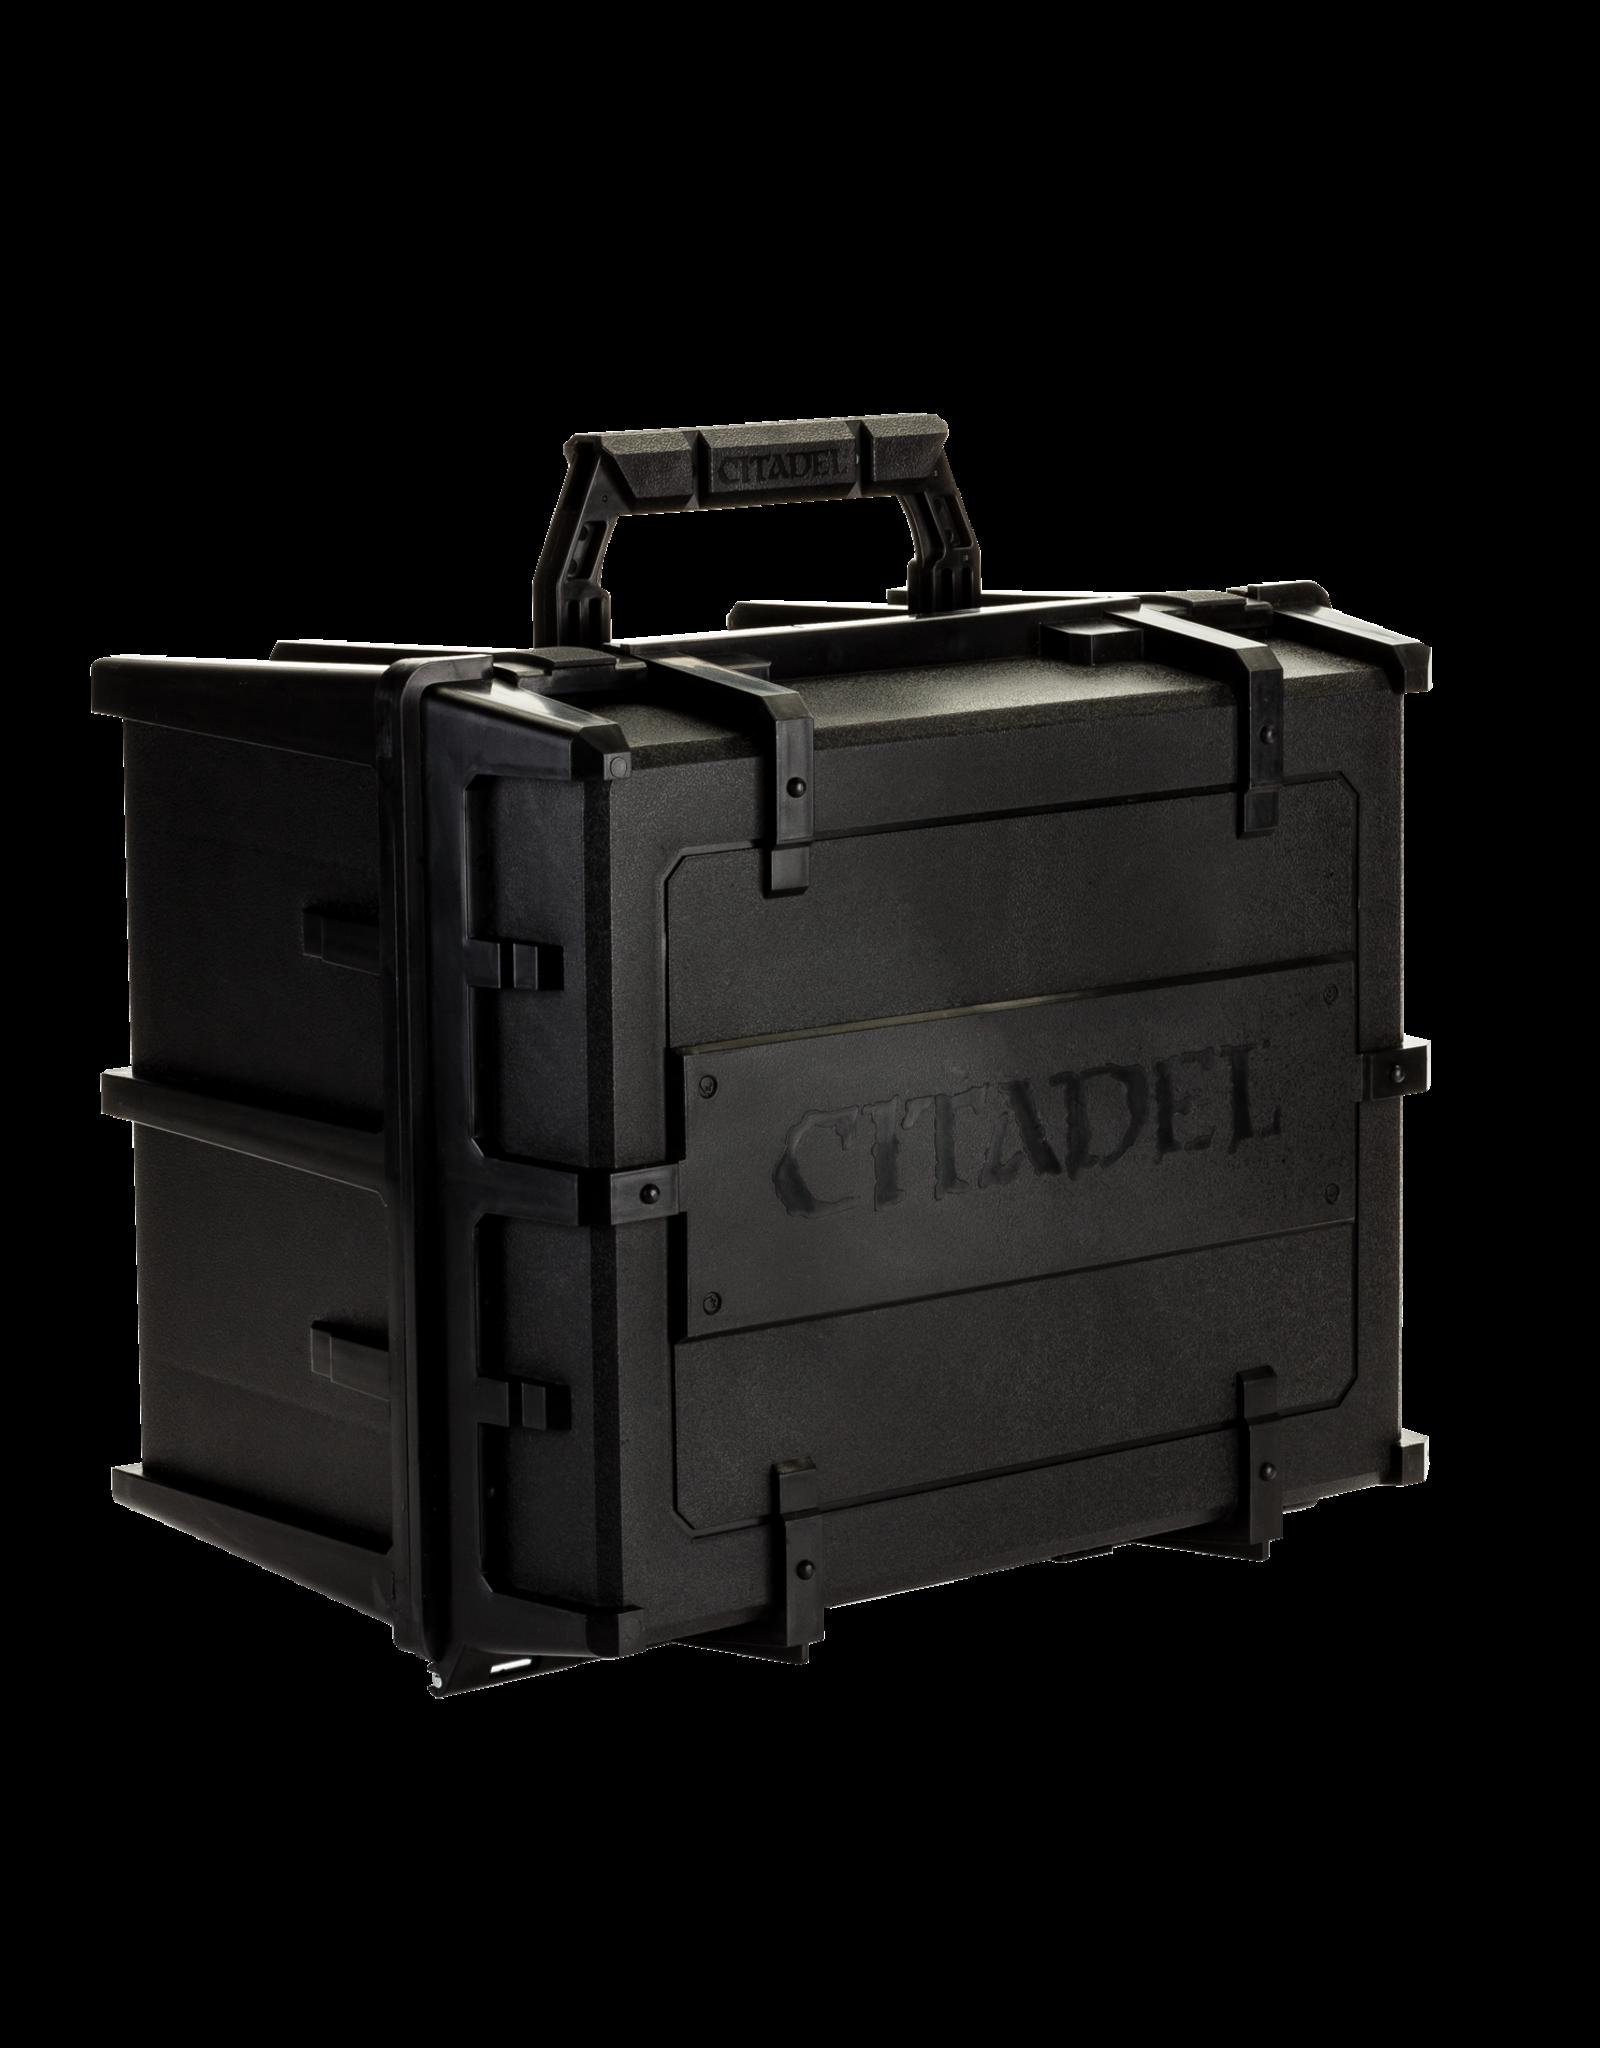 Citadel CITADEL BATTLE FIGURE CASE